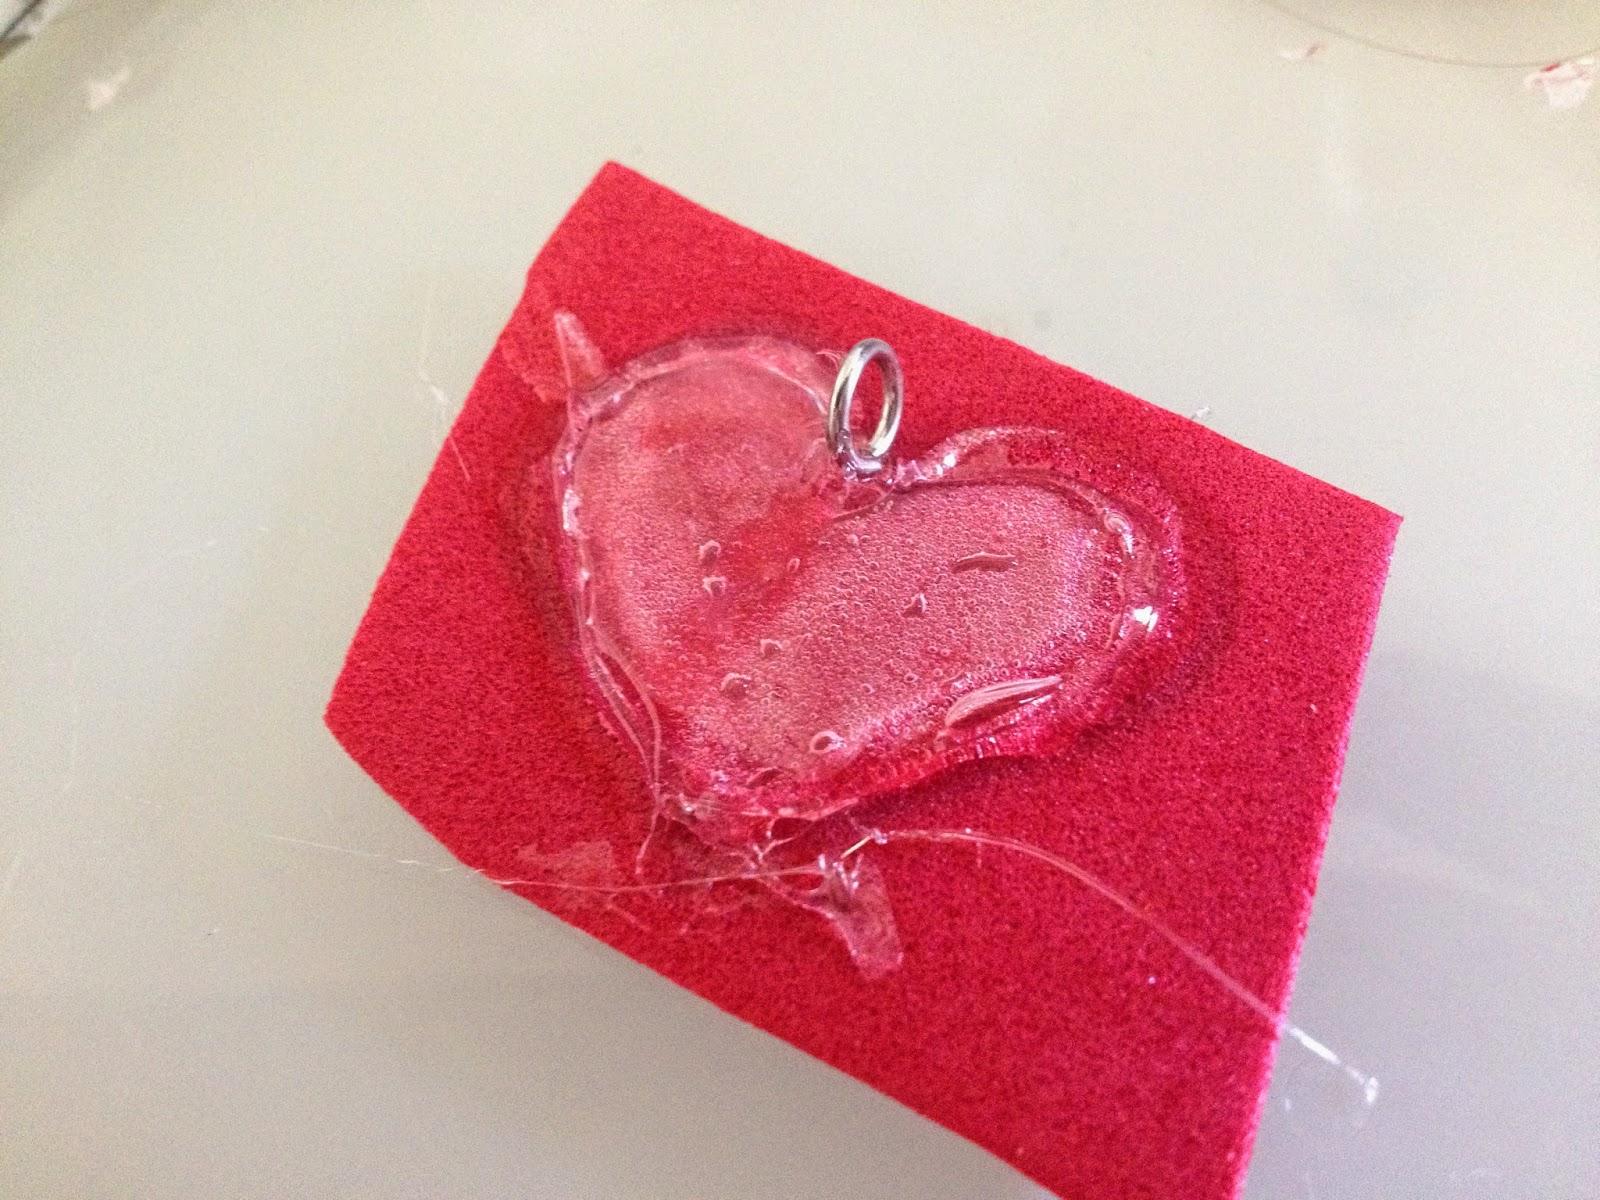 Les diy de fishounette coeur transparent au pistolet colle - Creation avec pistolet a colle ...